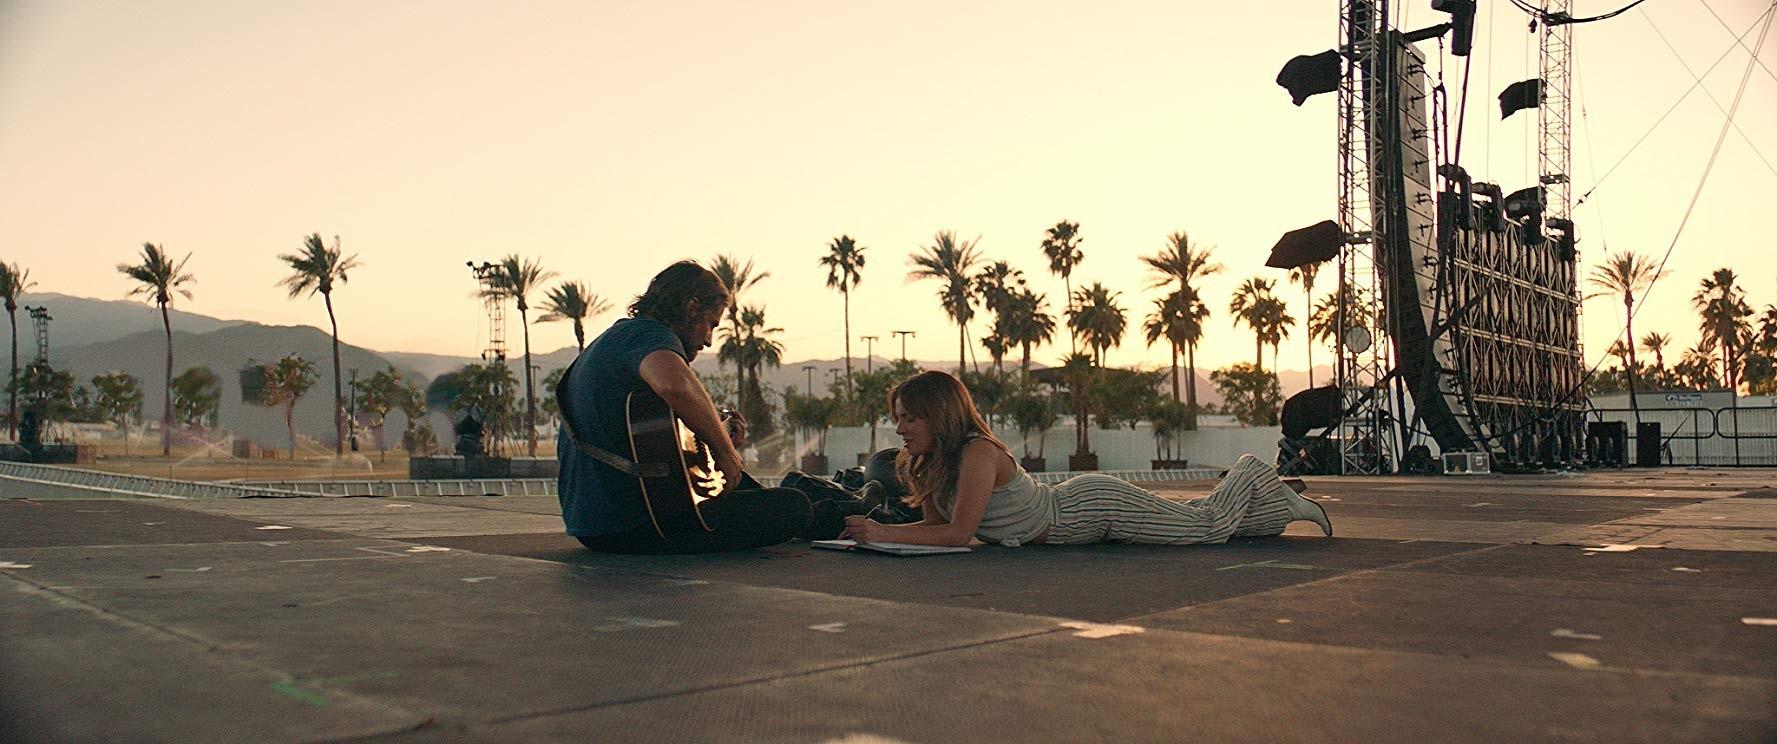 Bradley Cooper, Lady Gaga – A Star Is Born